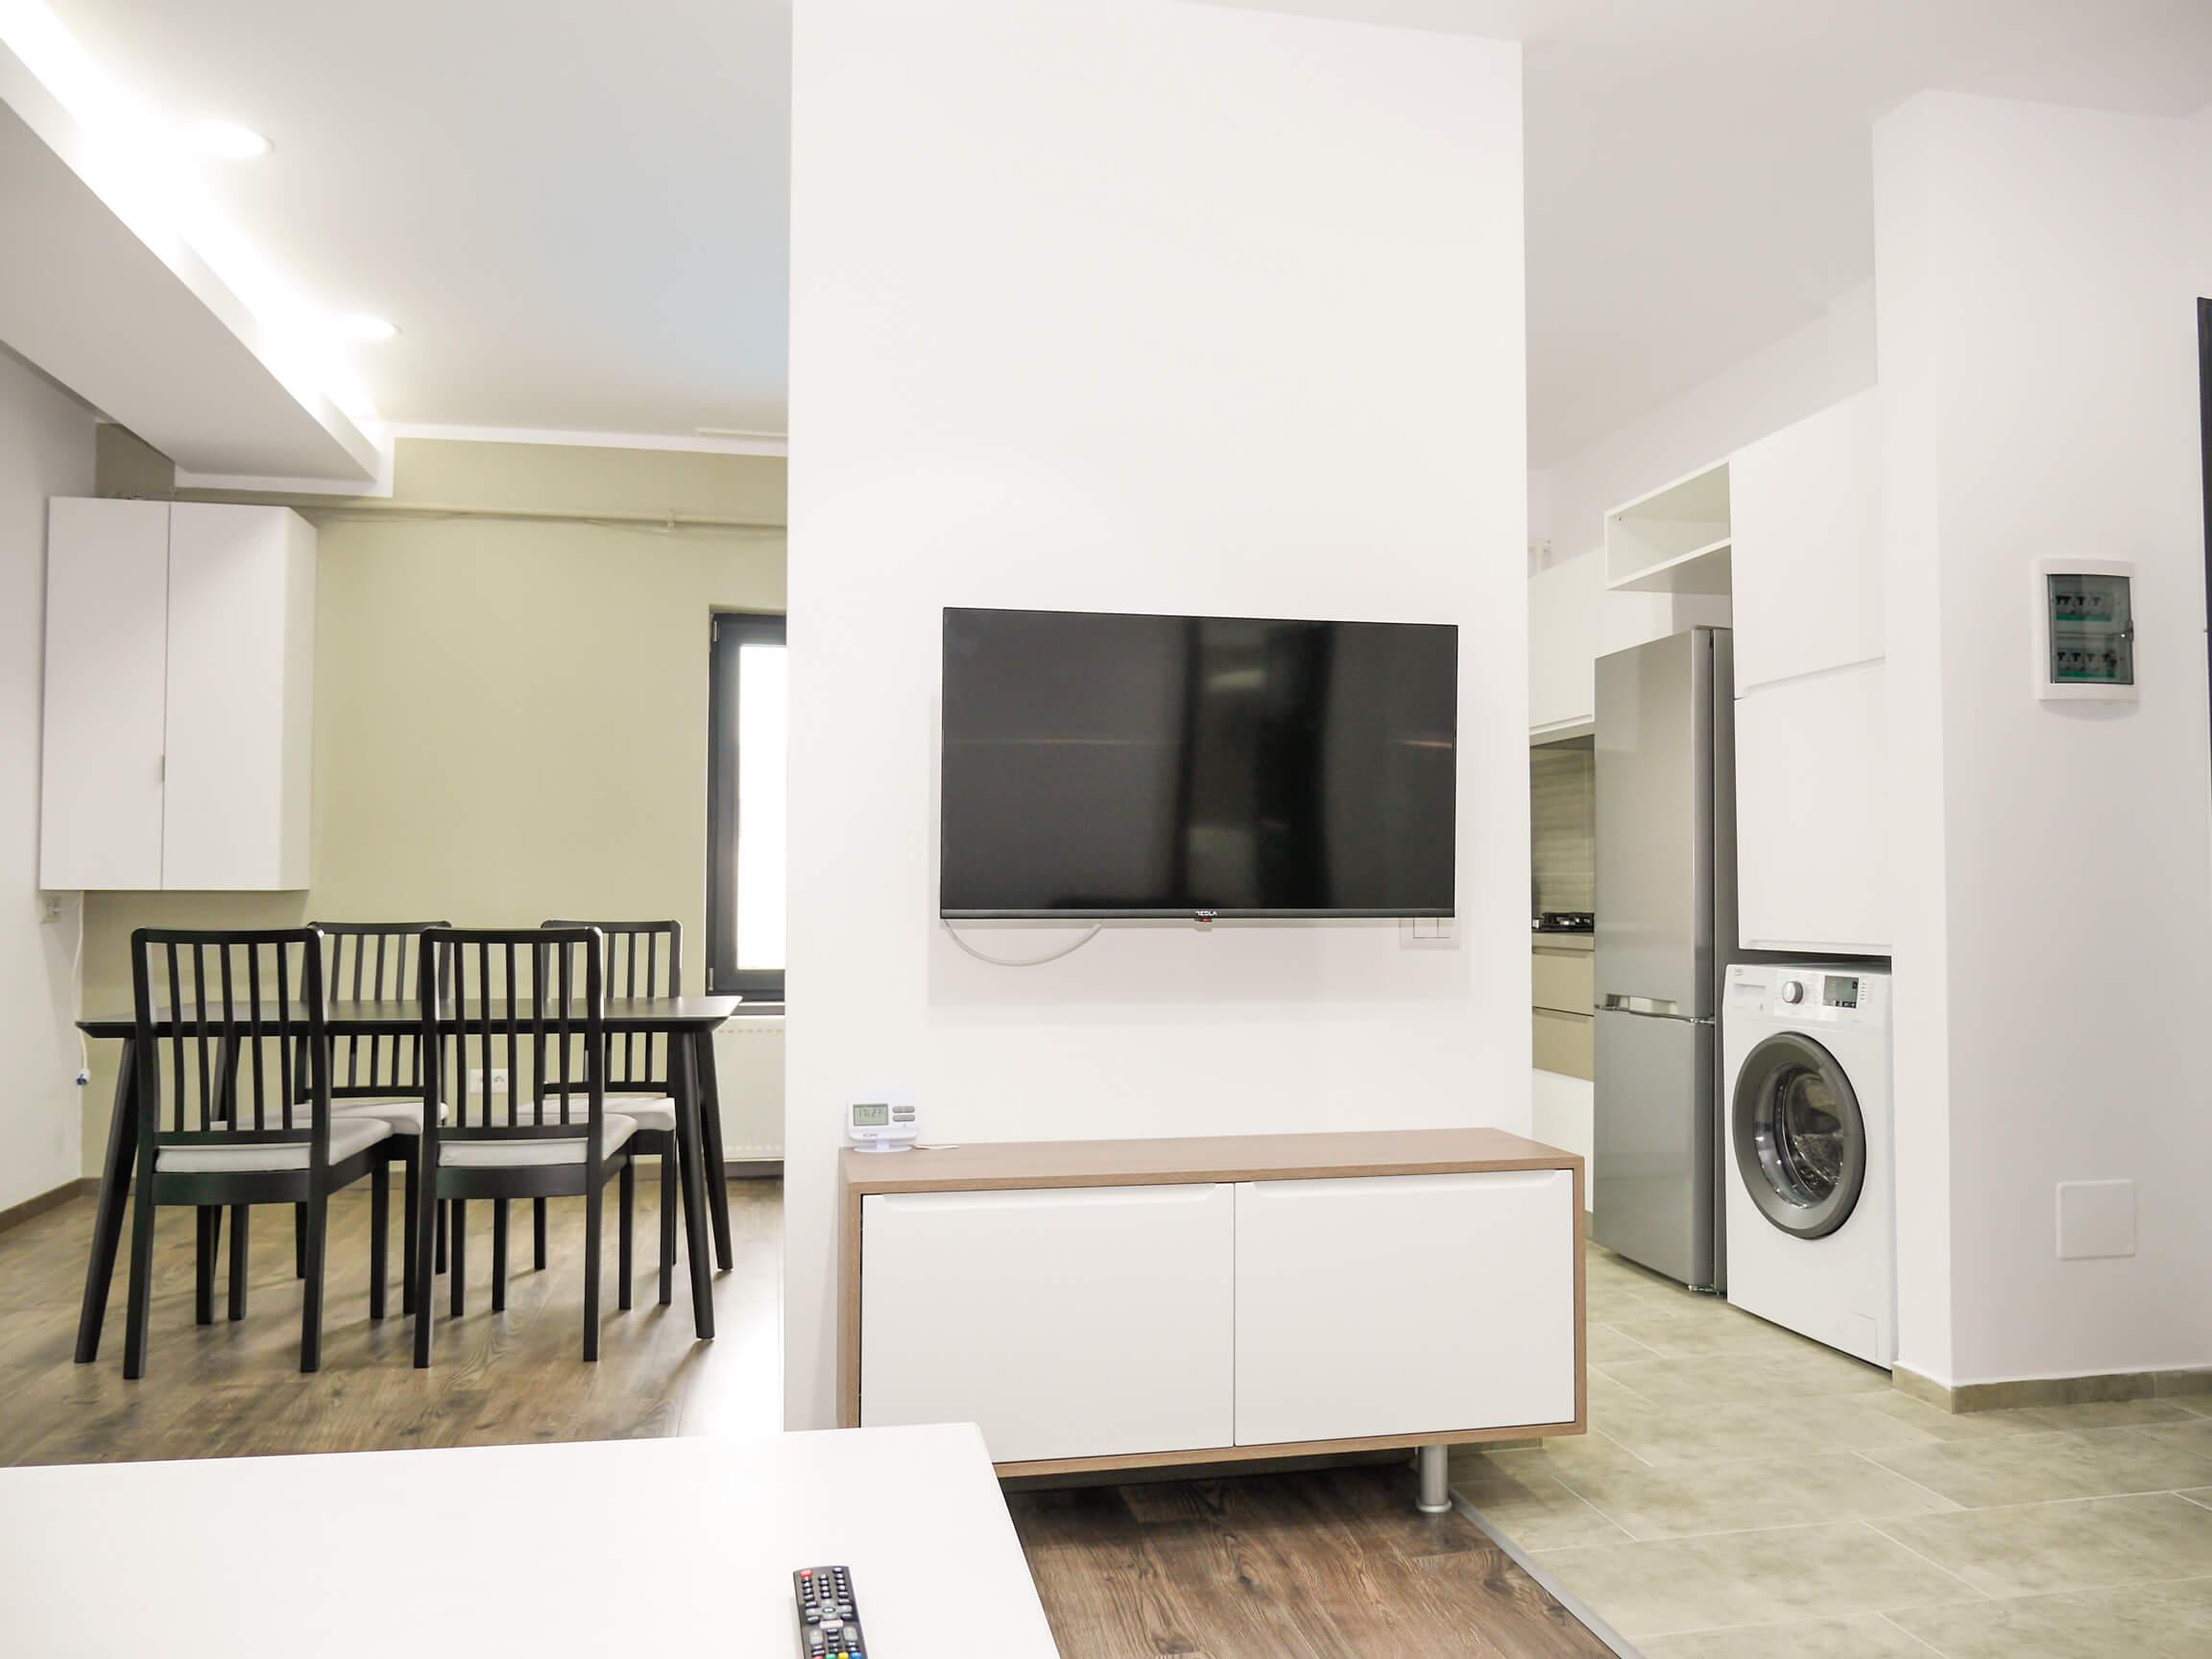 Clement Apartments - apartamente de inchiriat in regim hotelier - cazare neamt - cazare piatra neamt - apartament 7 (8)